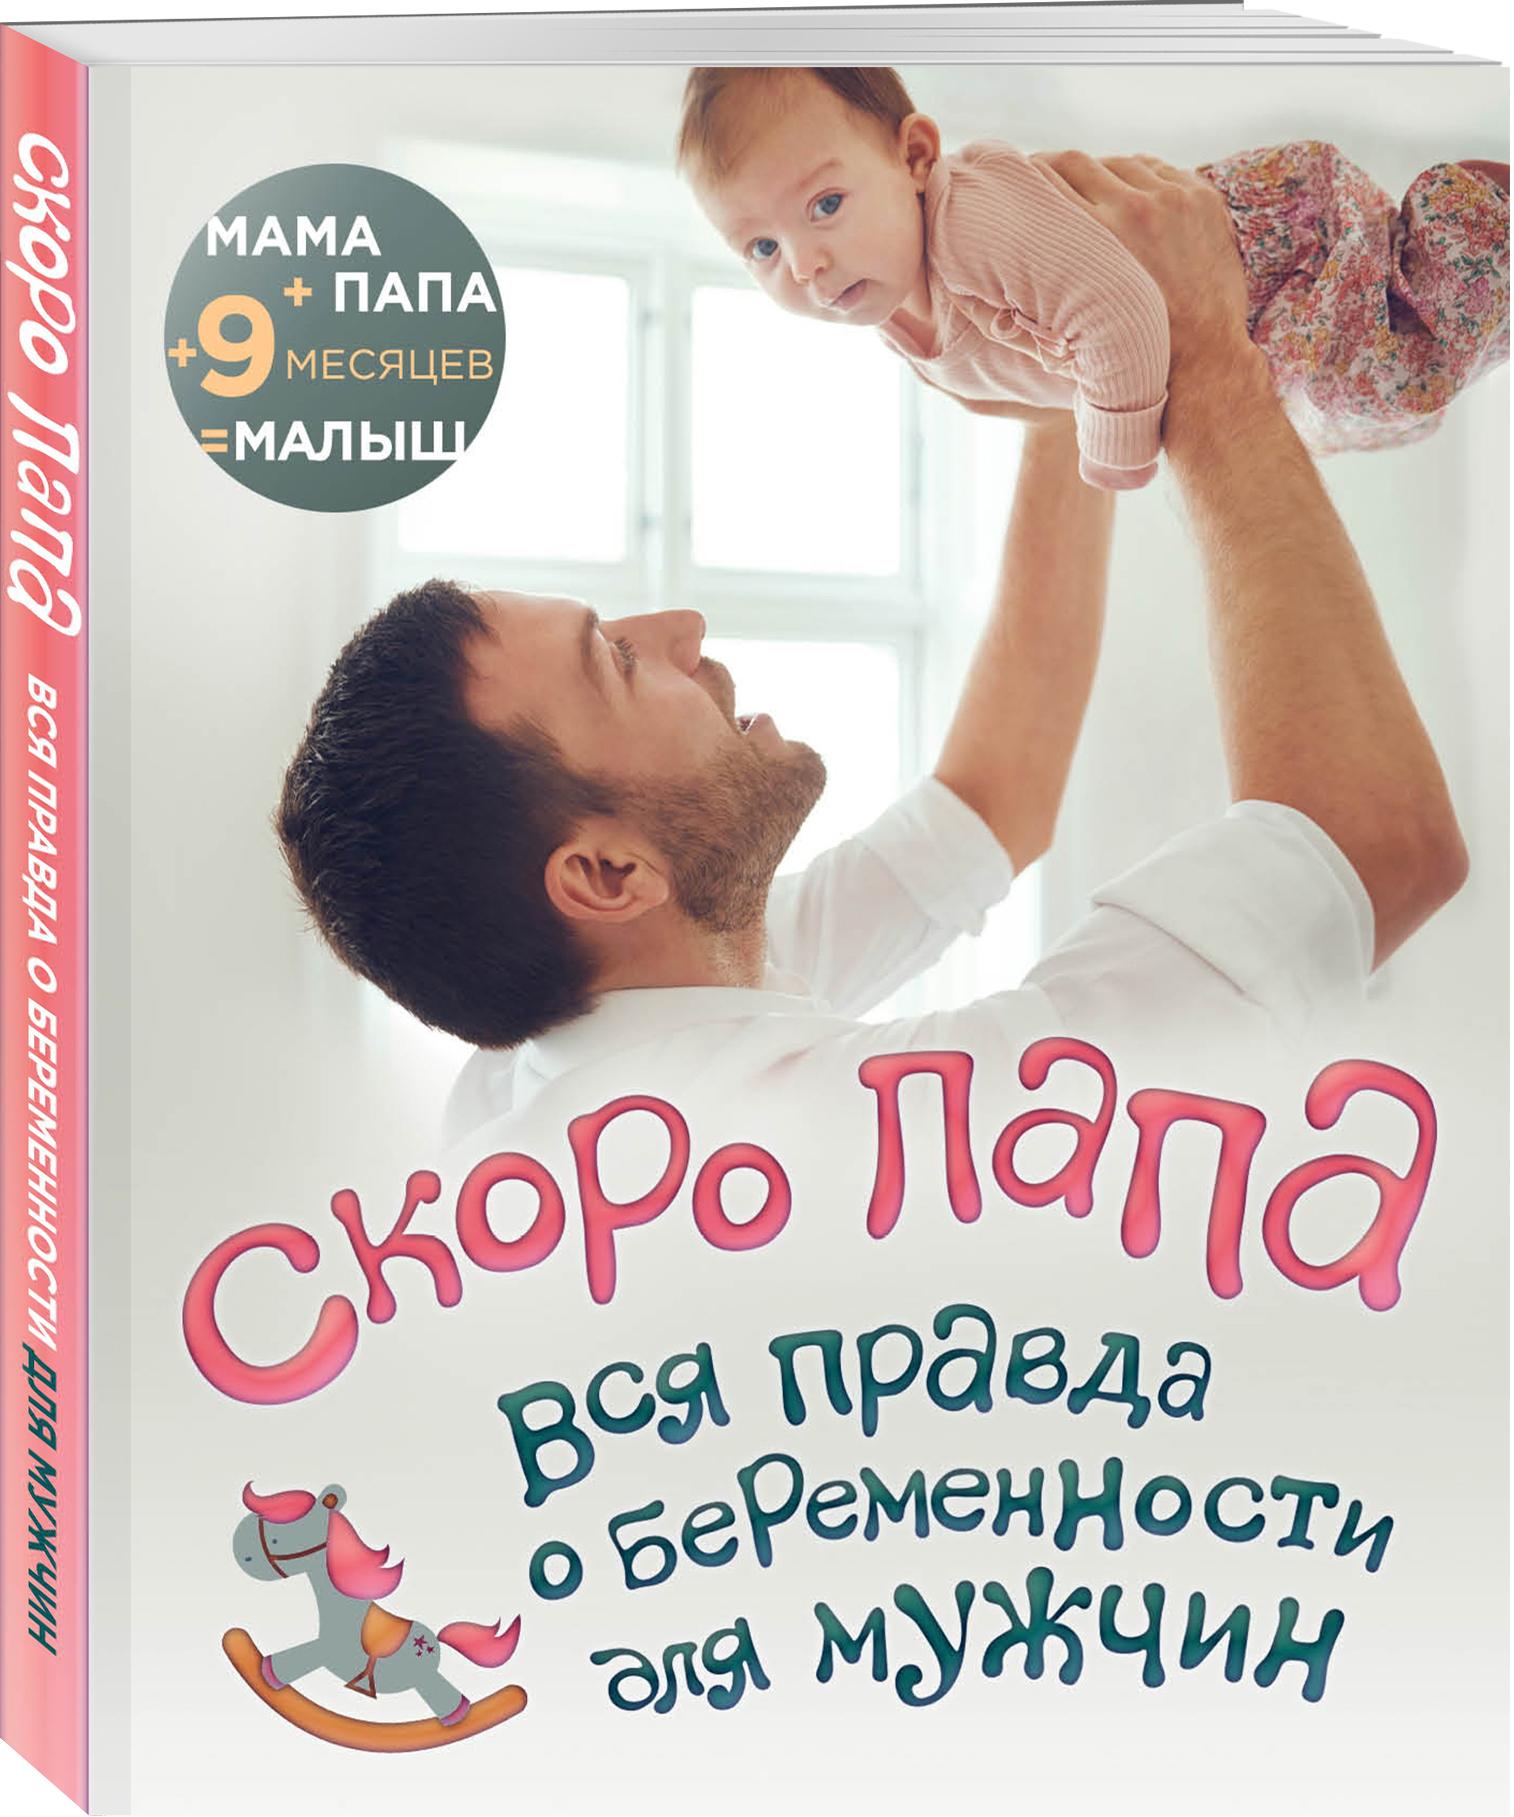 Я - папа. Вся правда о беременности для мужчин_Стандарт задорнов михаил николаевич вся правда о россии